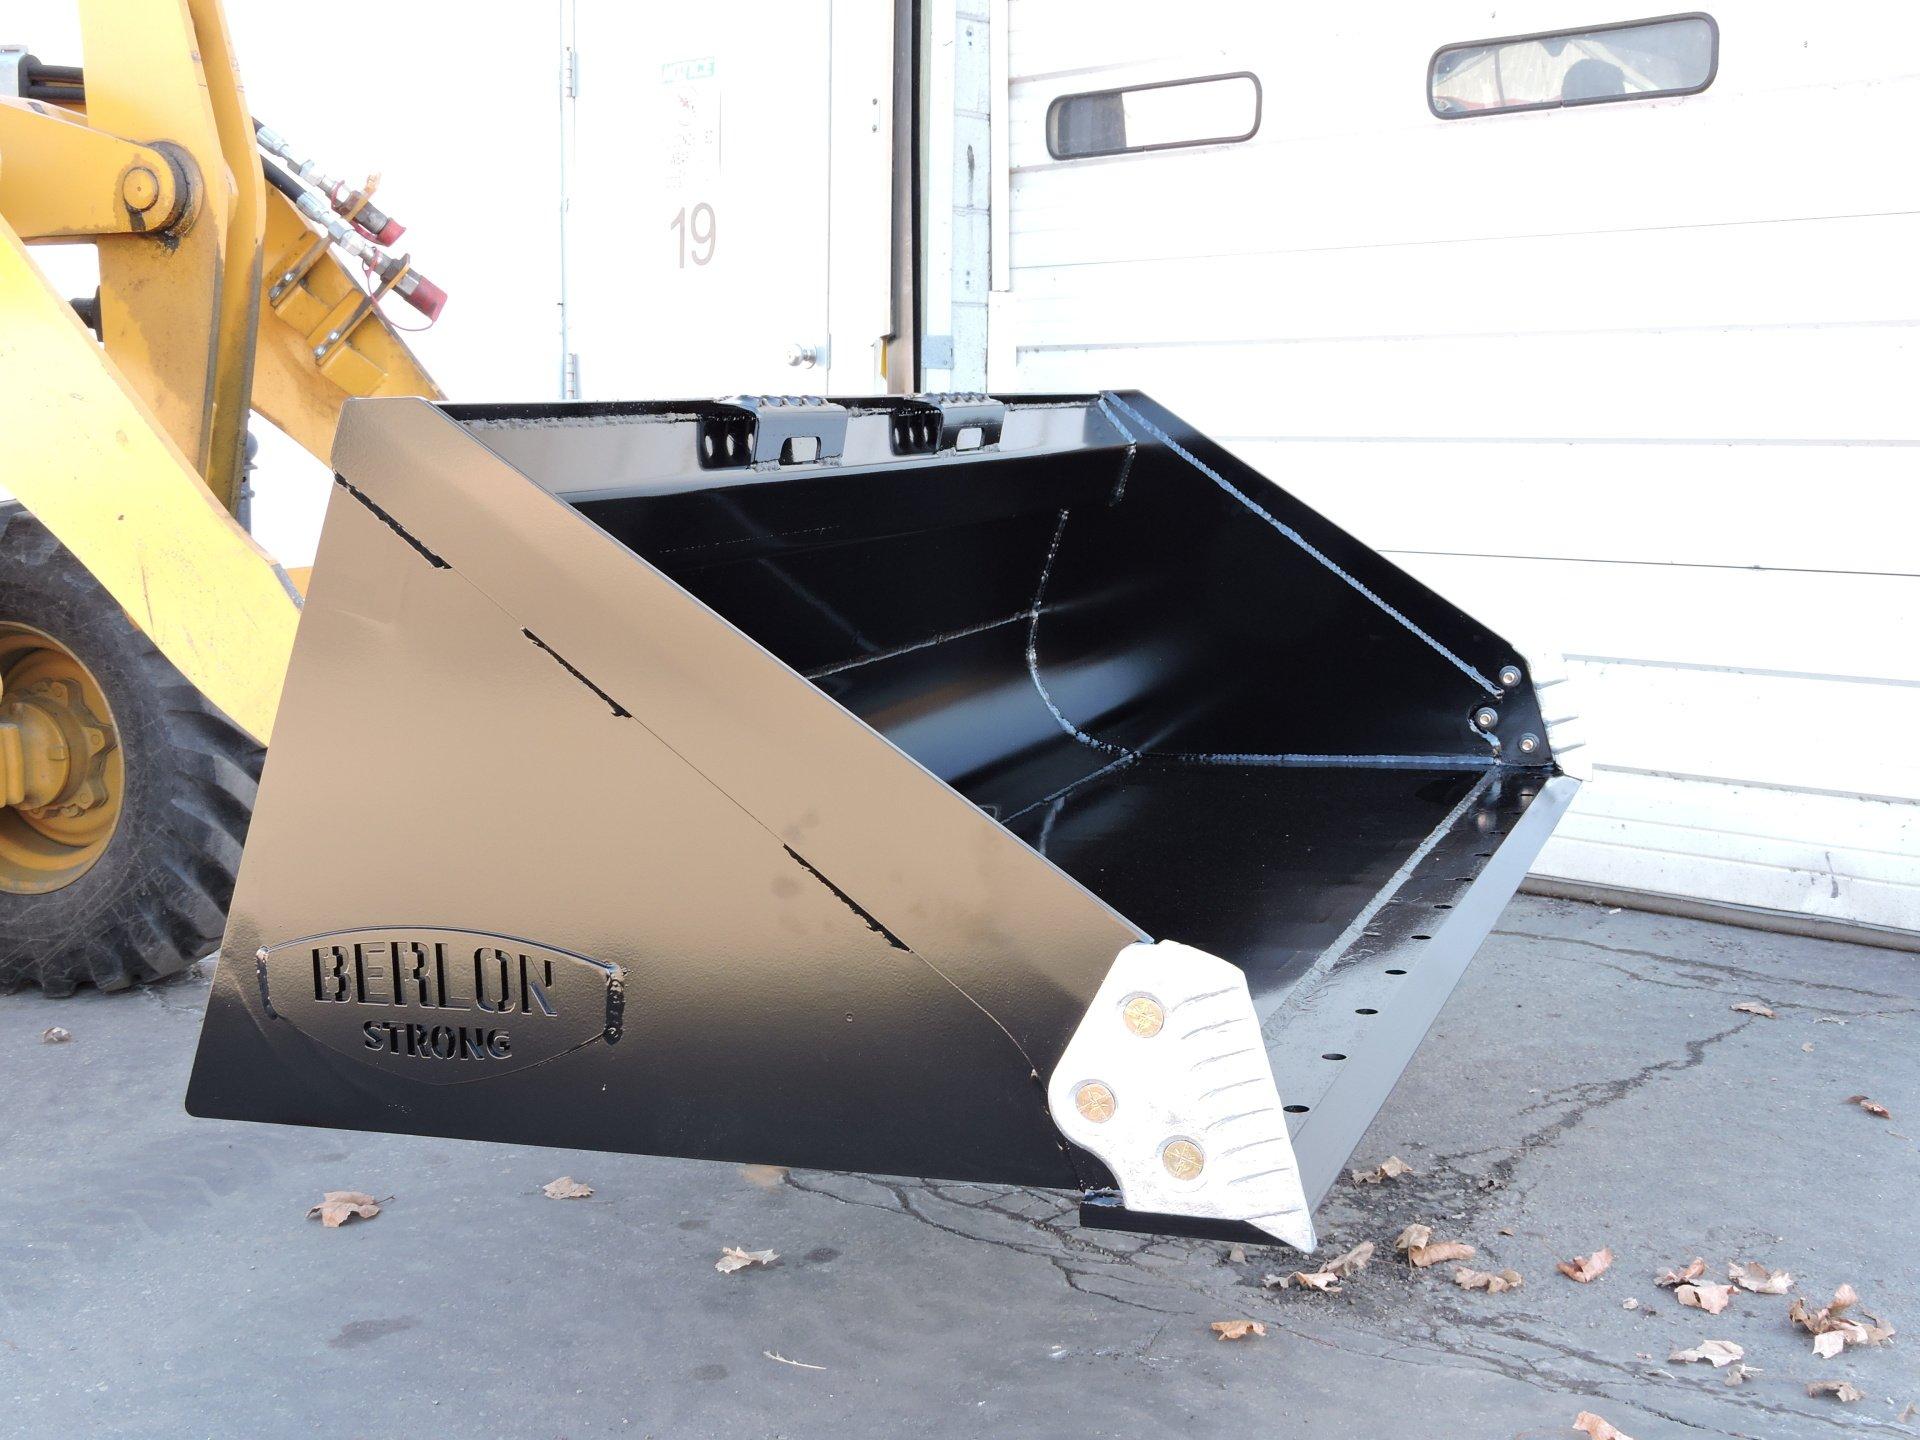 Heavy Duty Extended Lip Skid Steer Loader Bucket Berlon